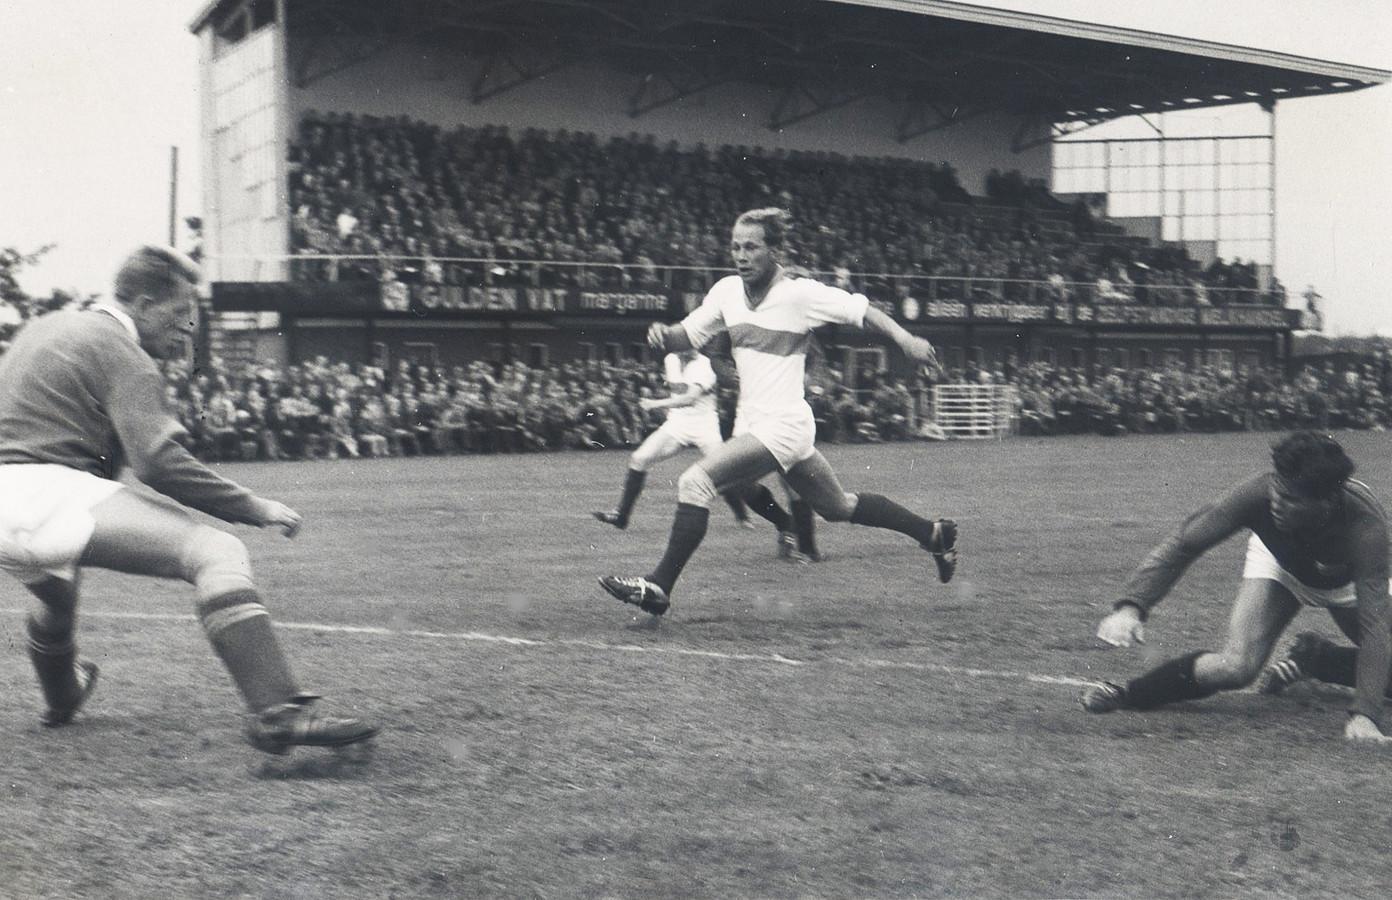 Leo Koopman midden stormt naar voren namens PEC tegen Heracles, in 1960 op De Vrolijkheid. Links Hennie van Nee, Zwollenaar in dienst van Heracles.